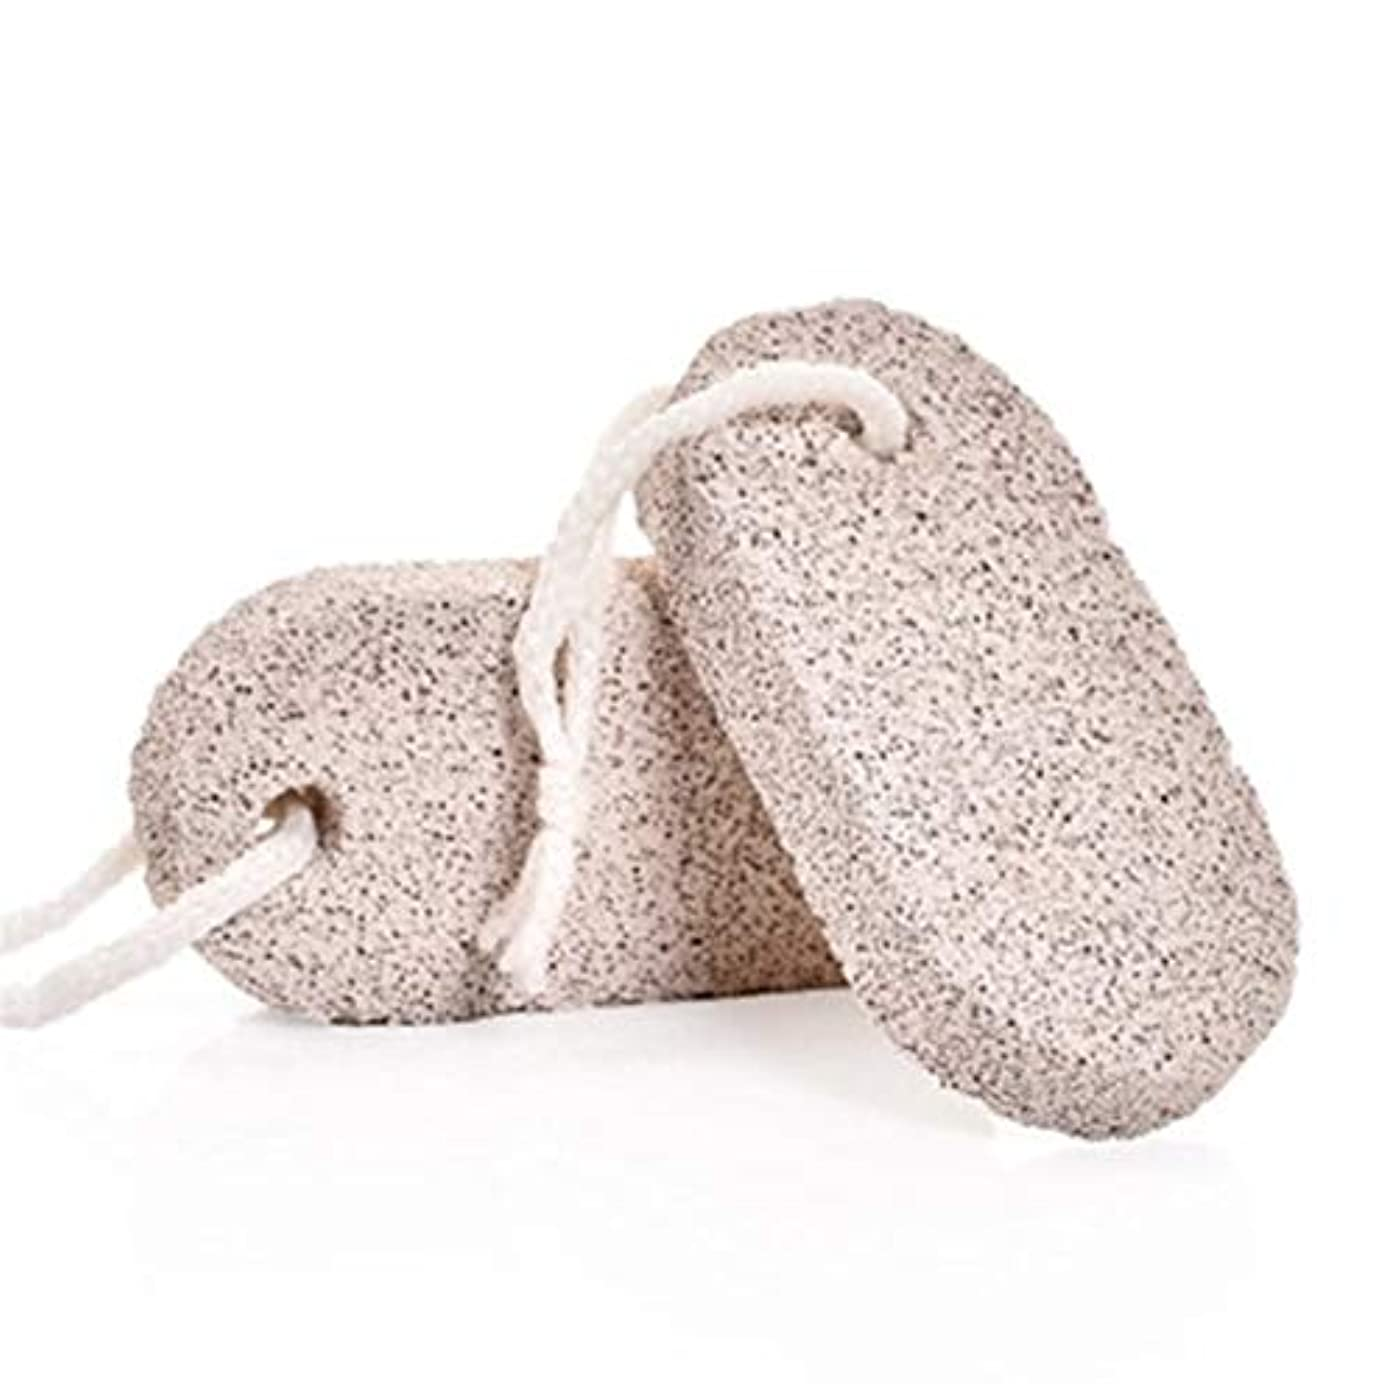 足枷曲ぼんやりしたMaltose 足 軽石 足軽石の足爪ブラシ 角質除去 血行促進 お風呂グッズ セルライト除去 足 2個